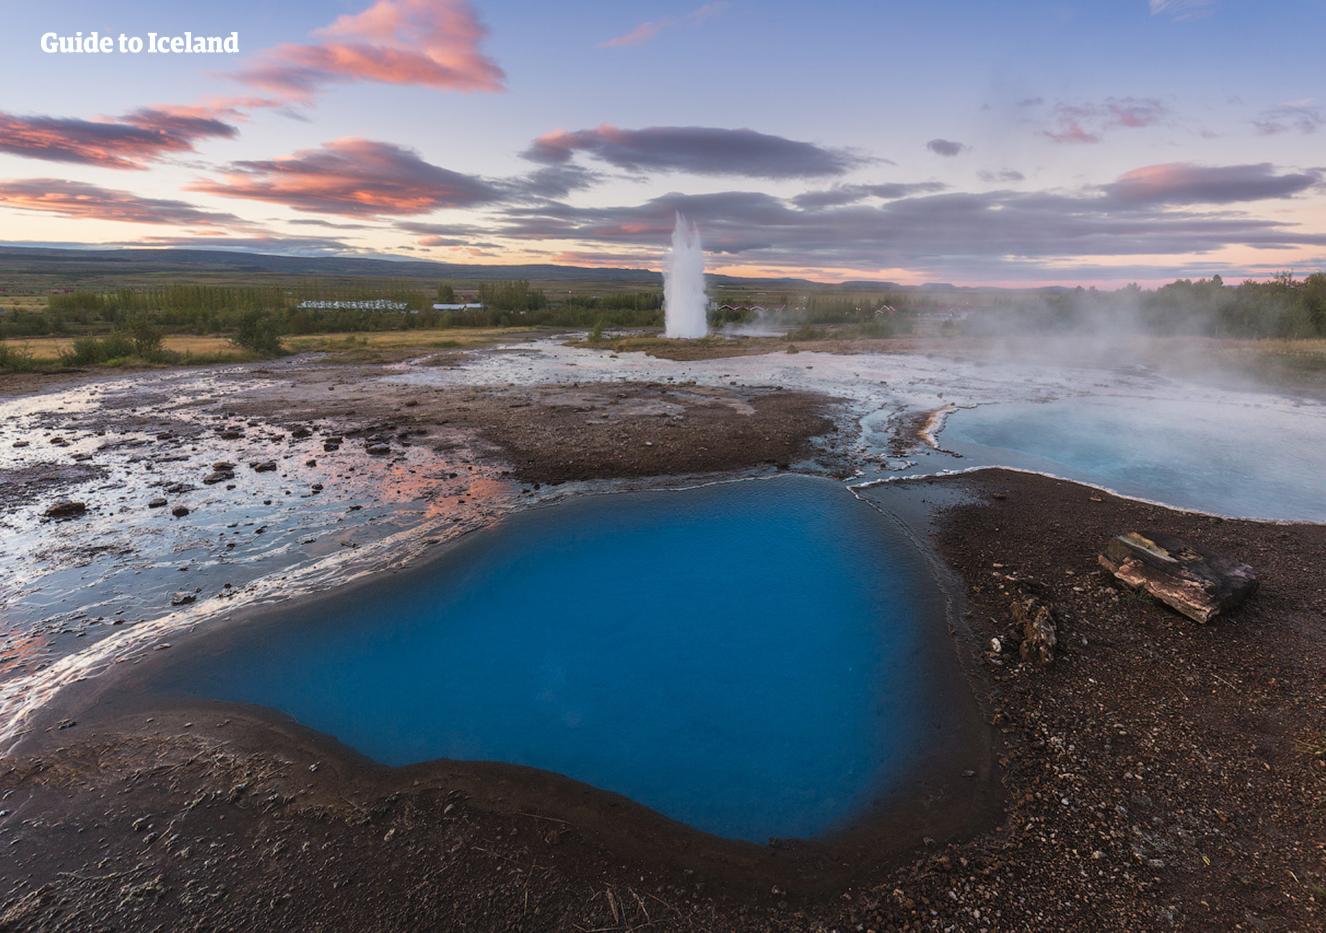 I det geotermiske Geysir-området finnes det utallige fantastiske geologiske formasjoner, inkludert geysiren Strokkur.